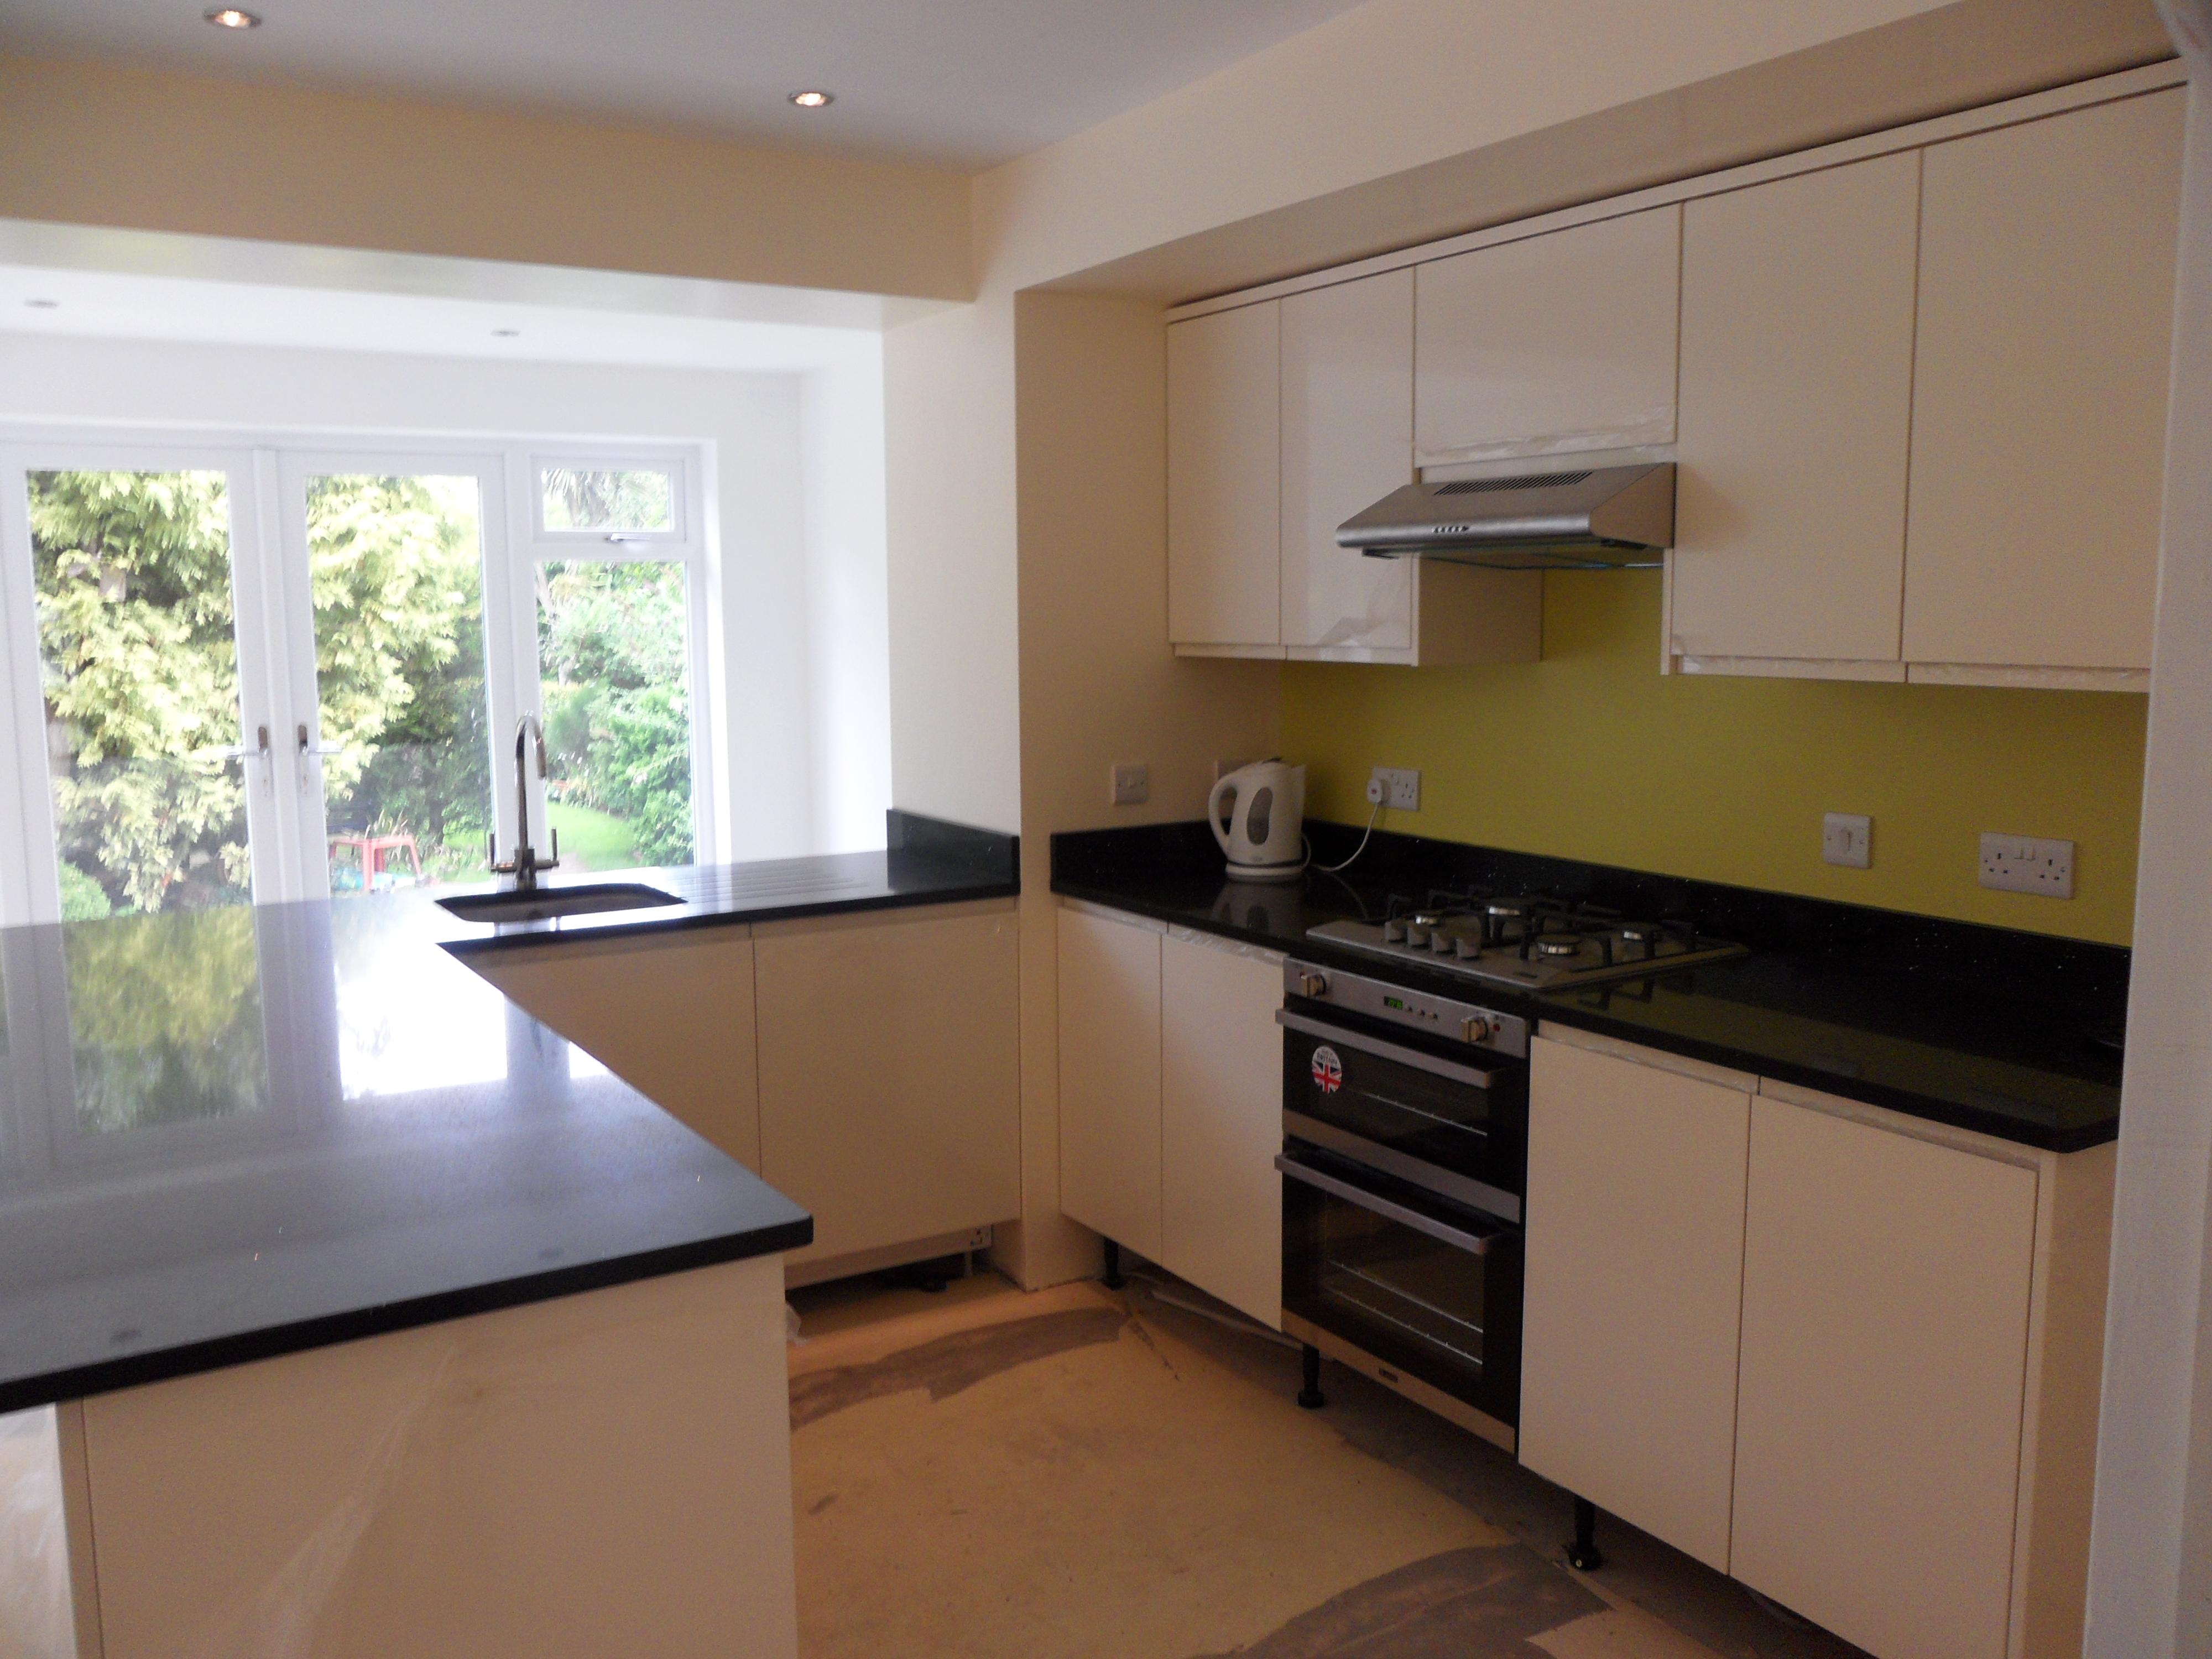 Restaurant Kitchen Units our services | p grundy building services ltd